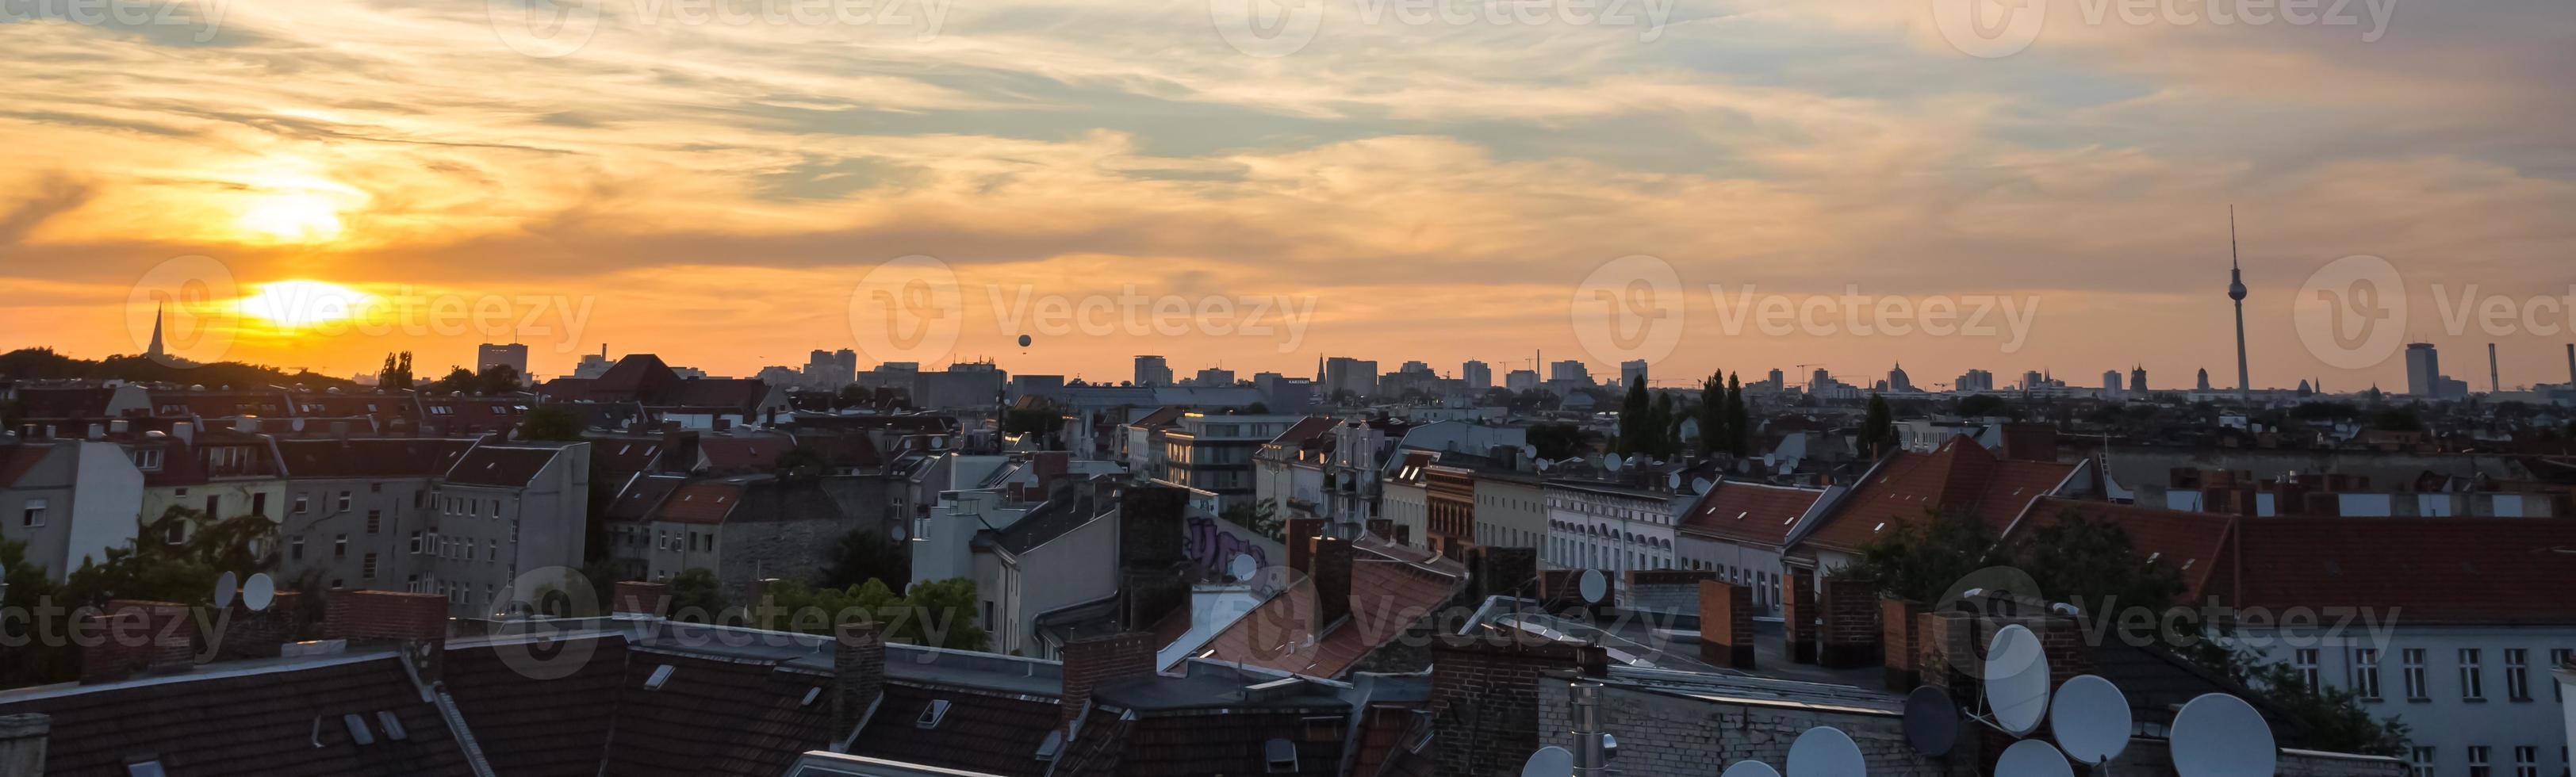 Berlijn stadsgezicht zonsondergang foto